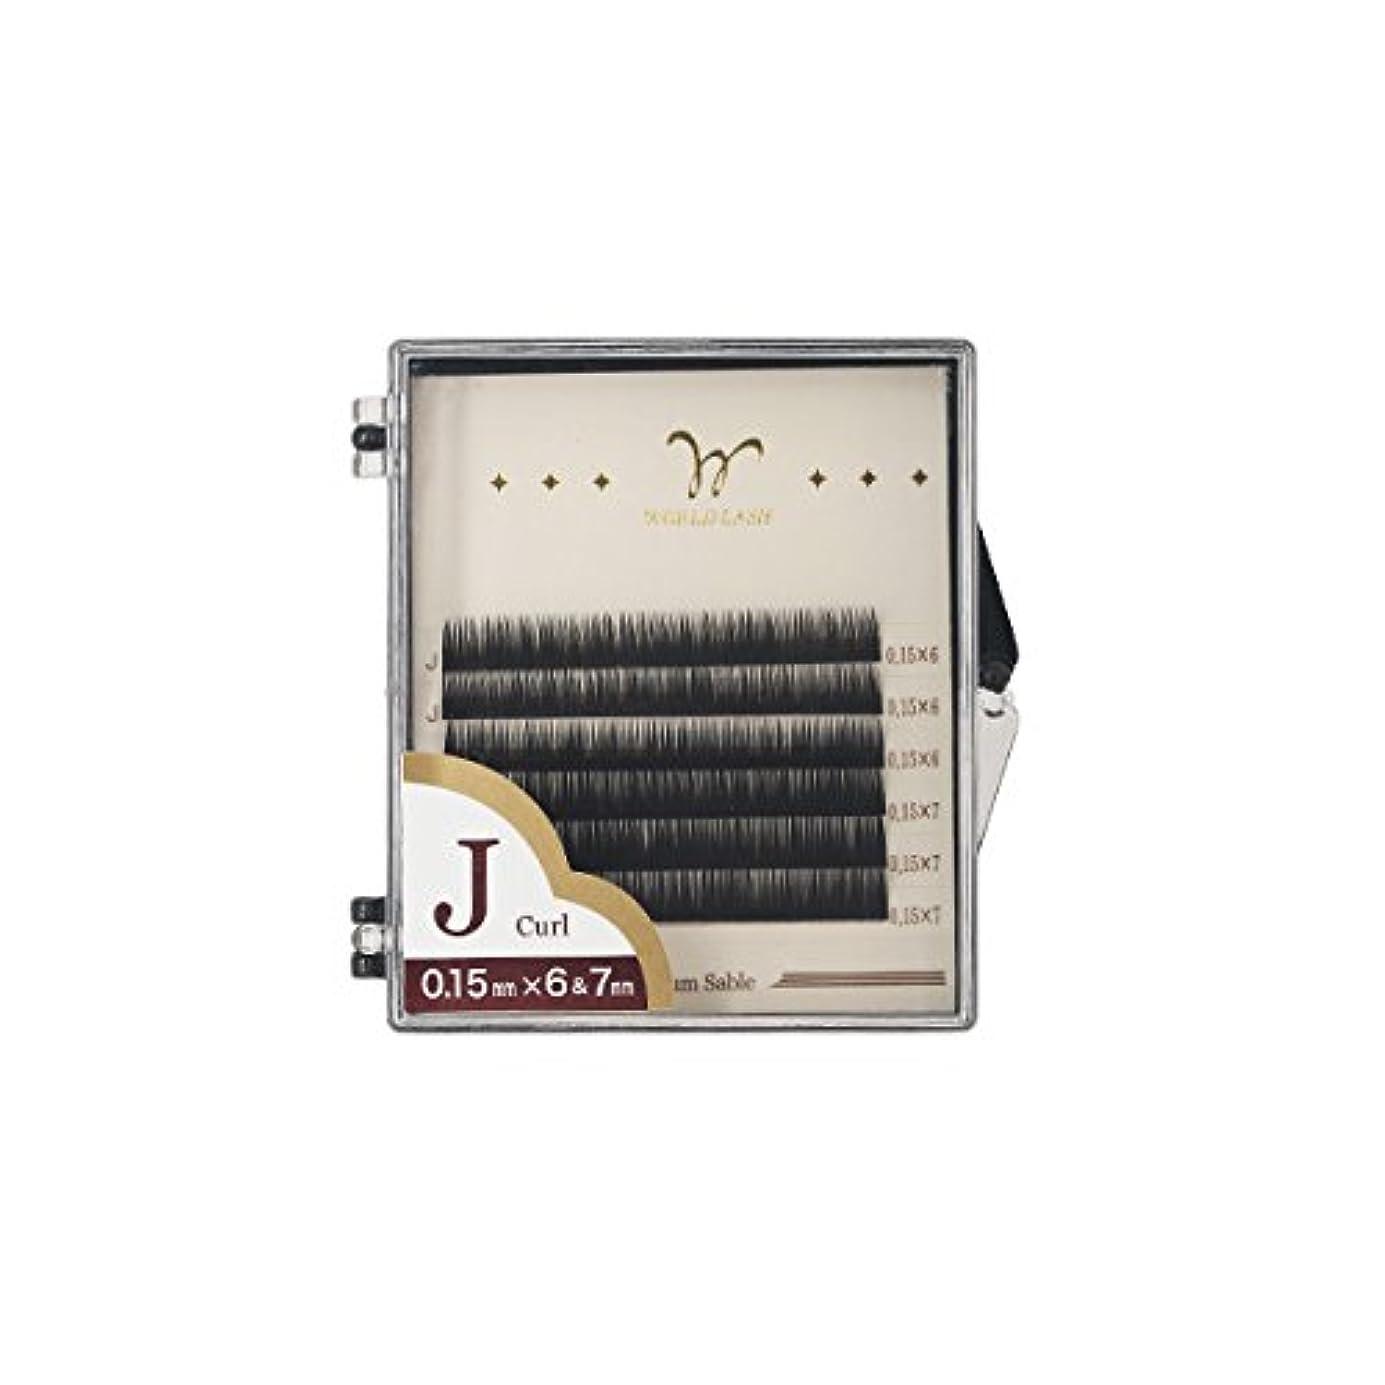 コンパニオン適用済み慢な【全4種】 WORLD LASH プレミアムセーブル (下まつげ用) (C?Jカール) Jカール 太さ0.15mm 長さ6mm?7mmMIX 約1,500本 [ シートラッシュ アイラッシュ エクステンション アイラッシュ...